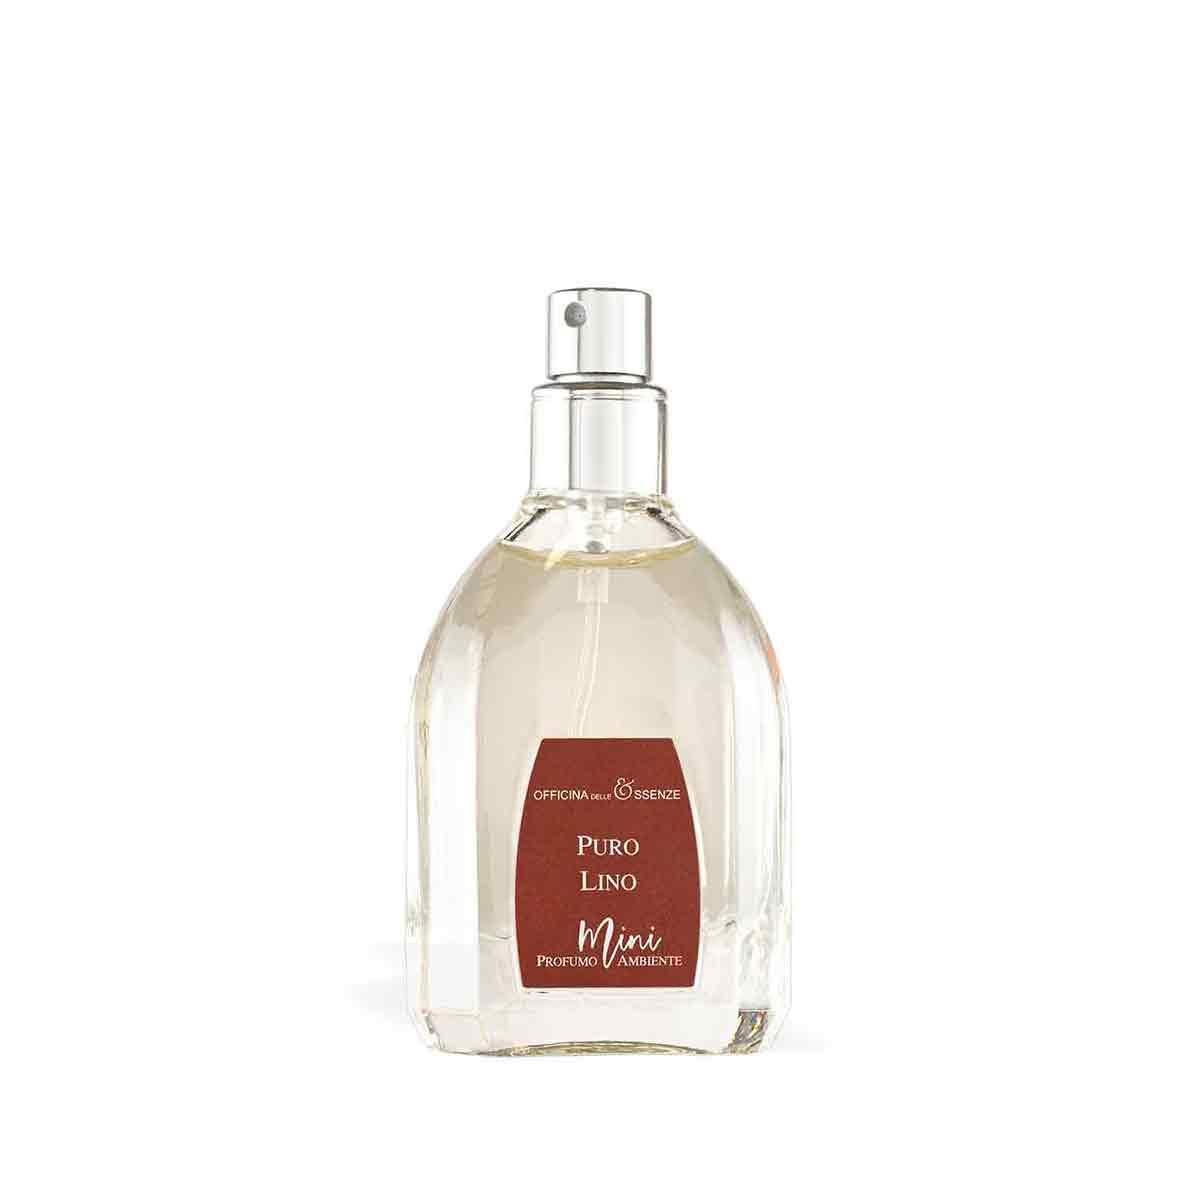 Mini profumo ambiente Puro Lino da 25 ml